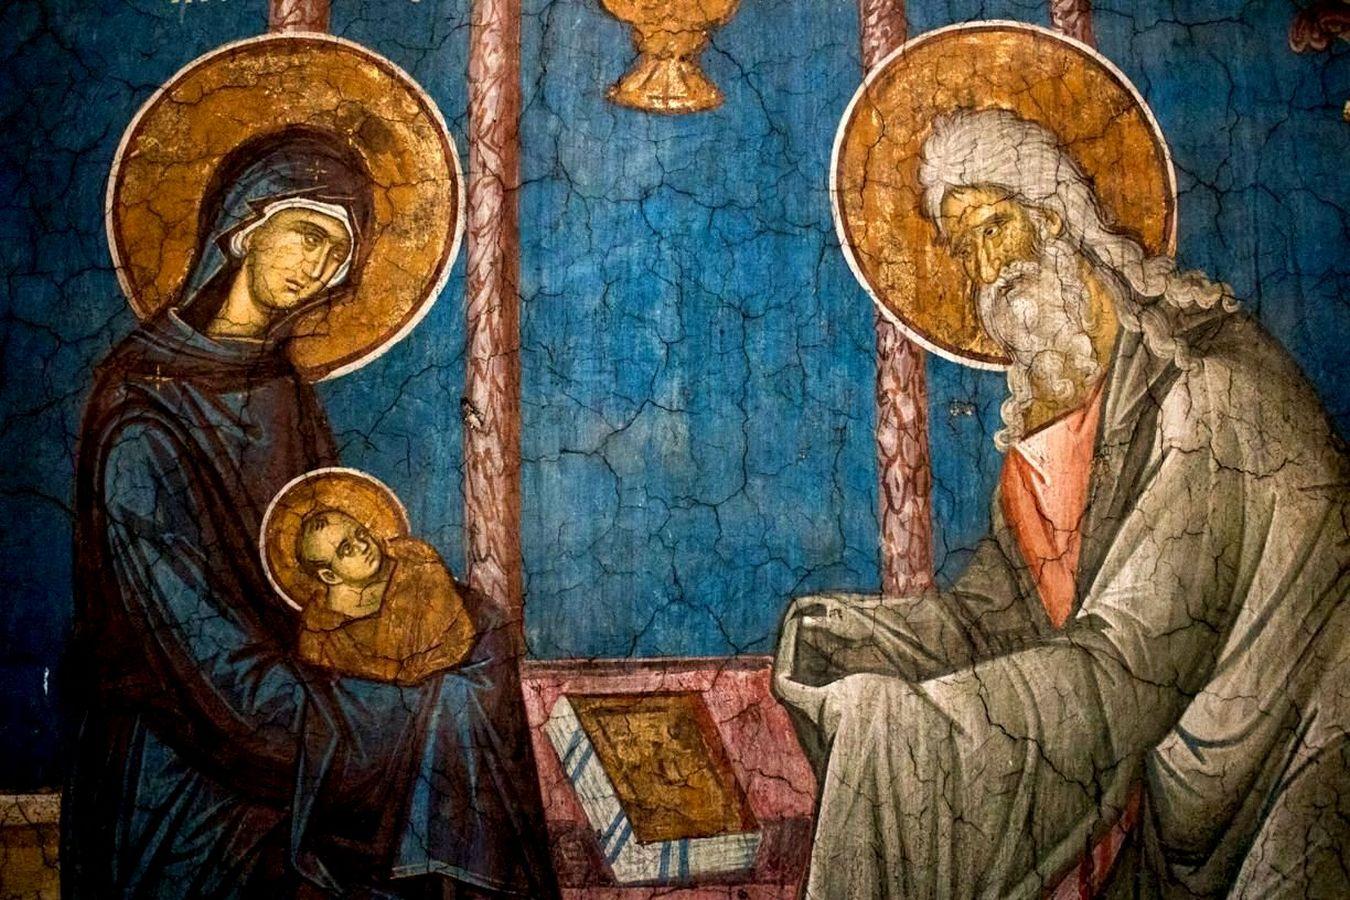 Сретение Господне. Фреска монастыря Высокие Дечаны, Косово и Метохия, Сербия. До 1350 года. Фрагмент.